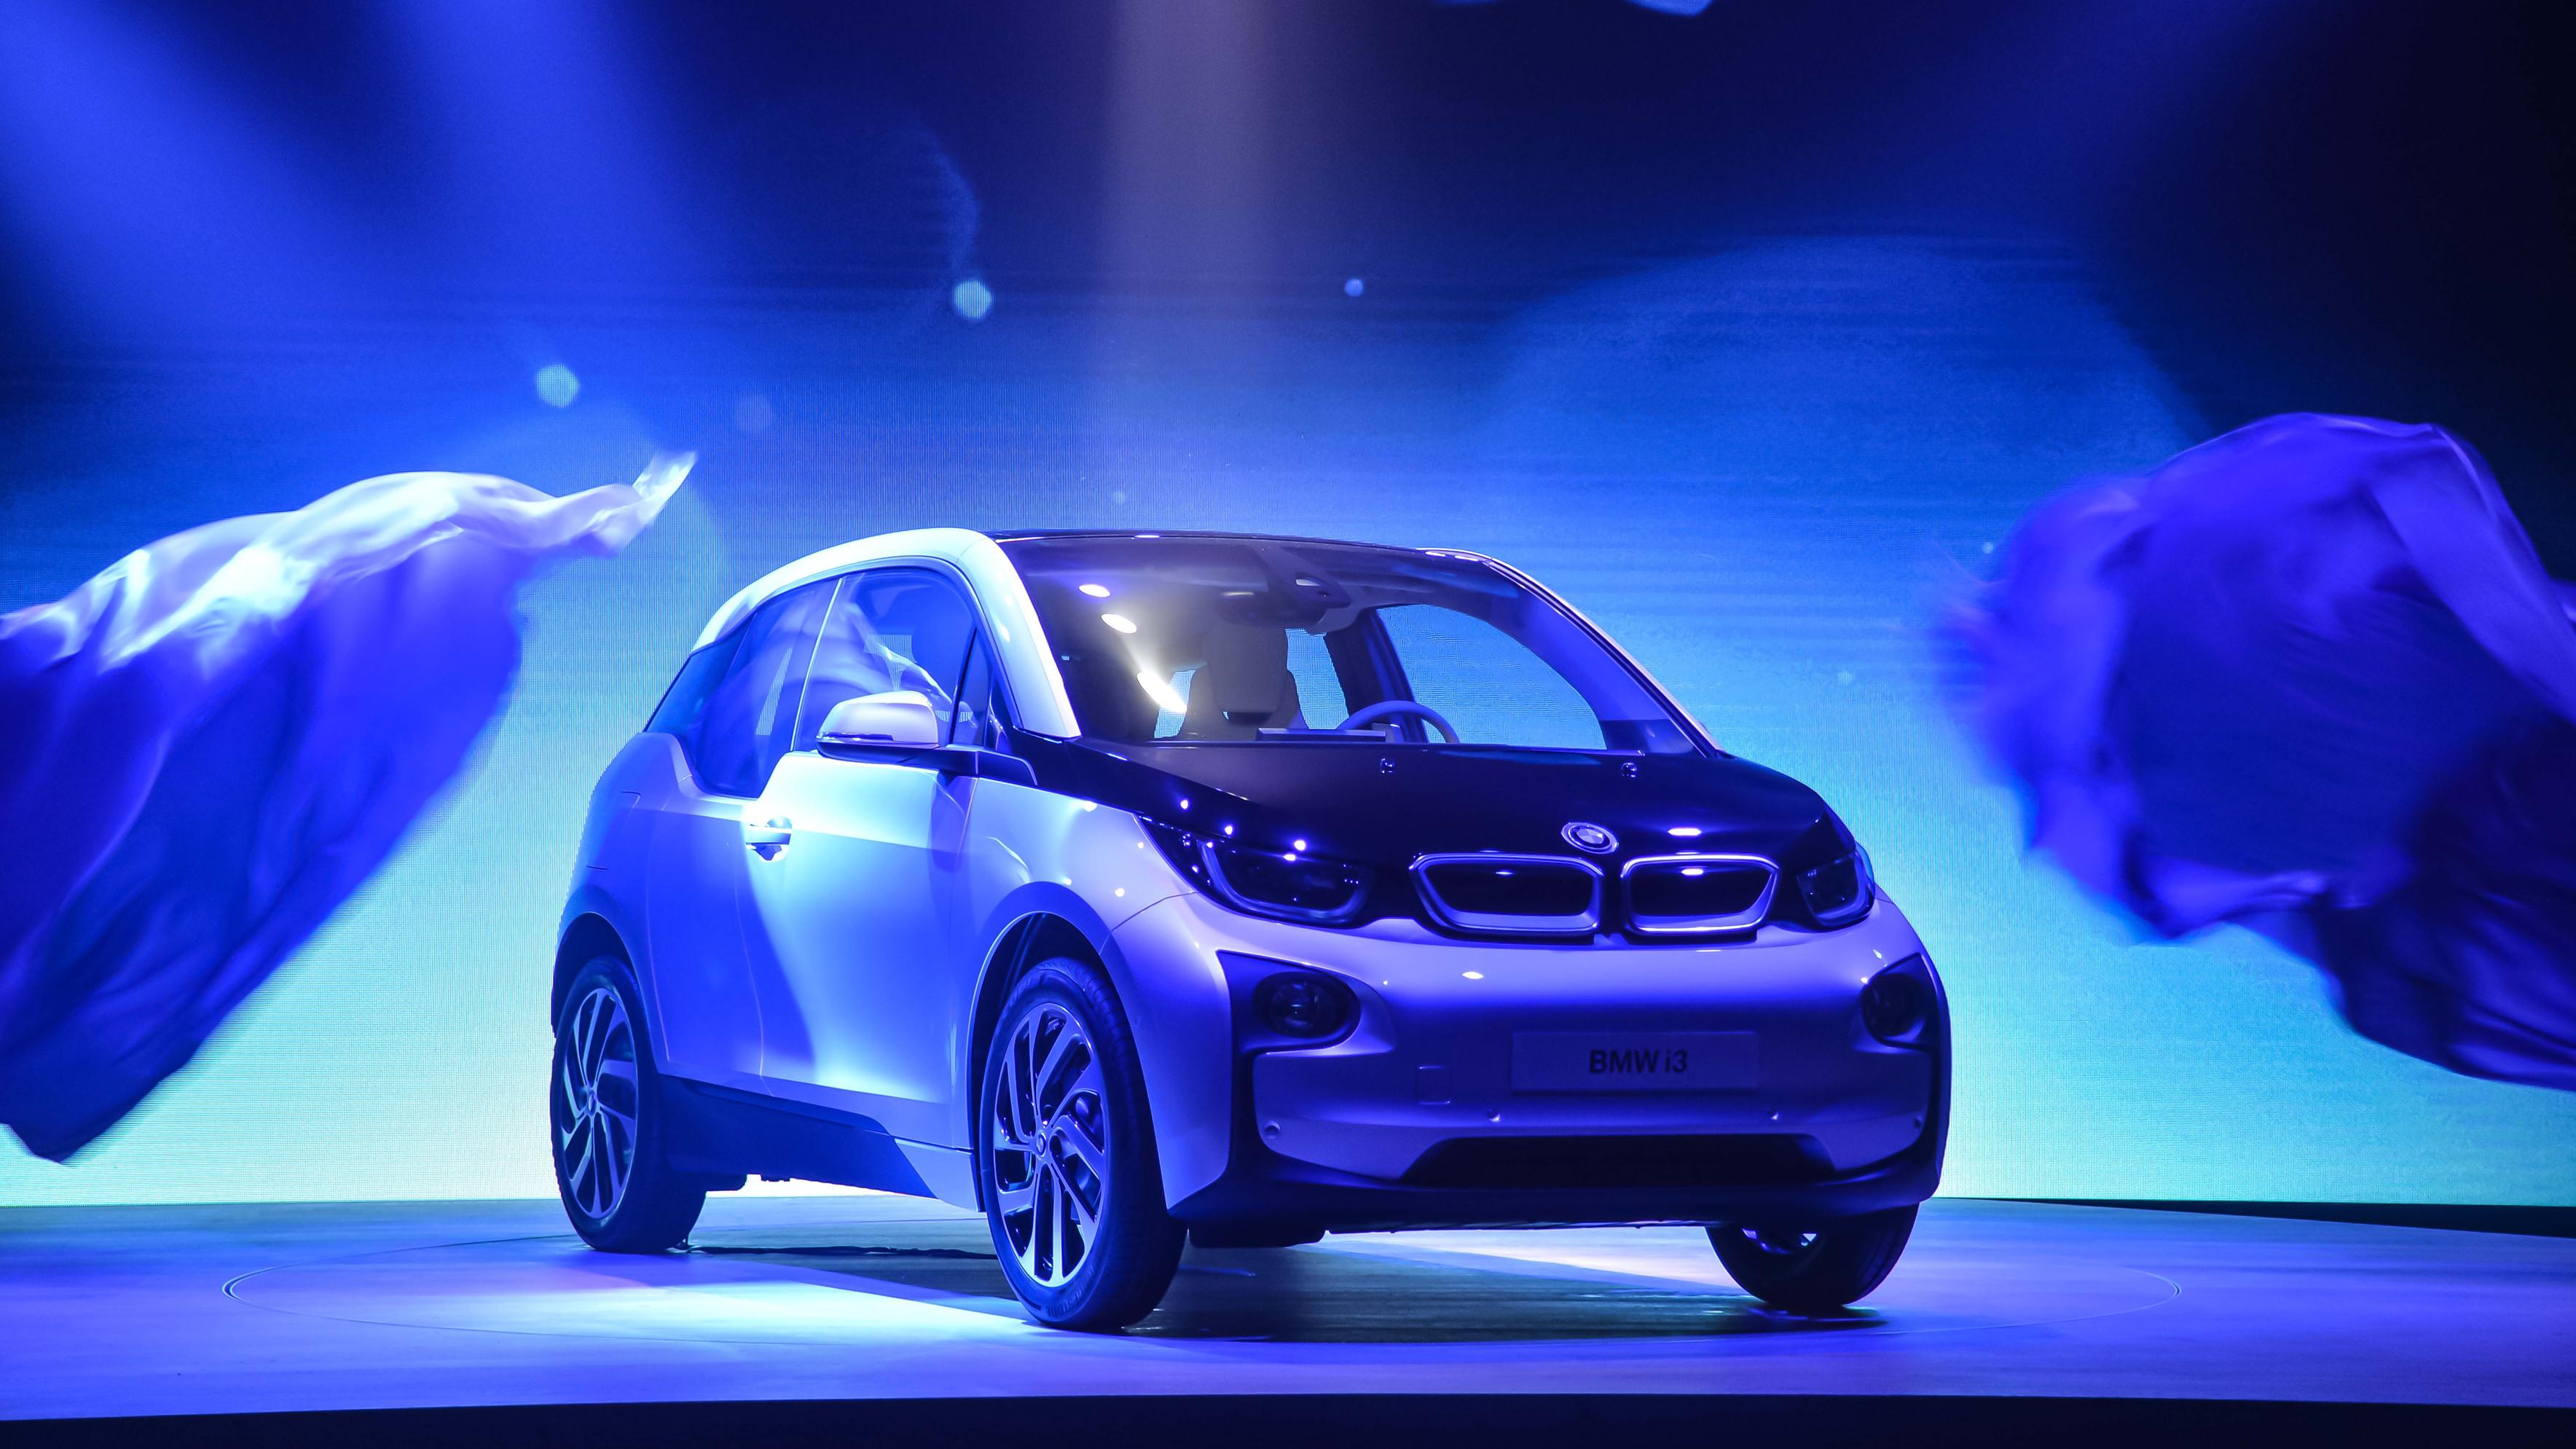 BMW i3 Preis für Range Extender, News, Ausstattung